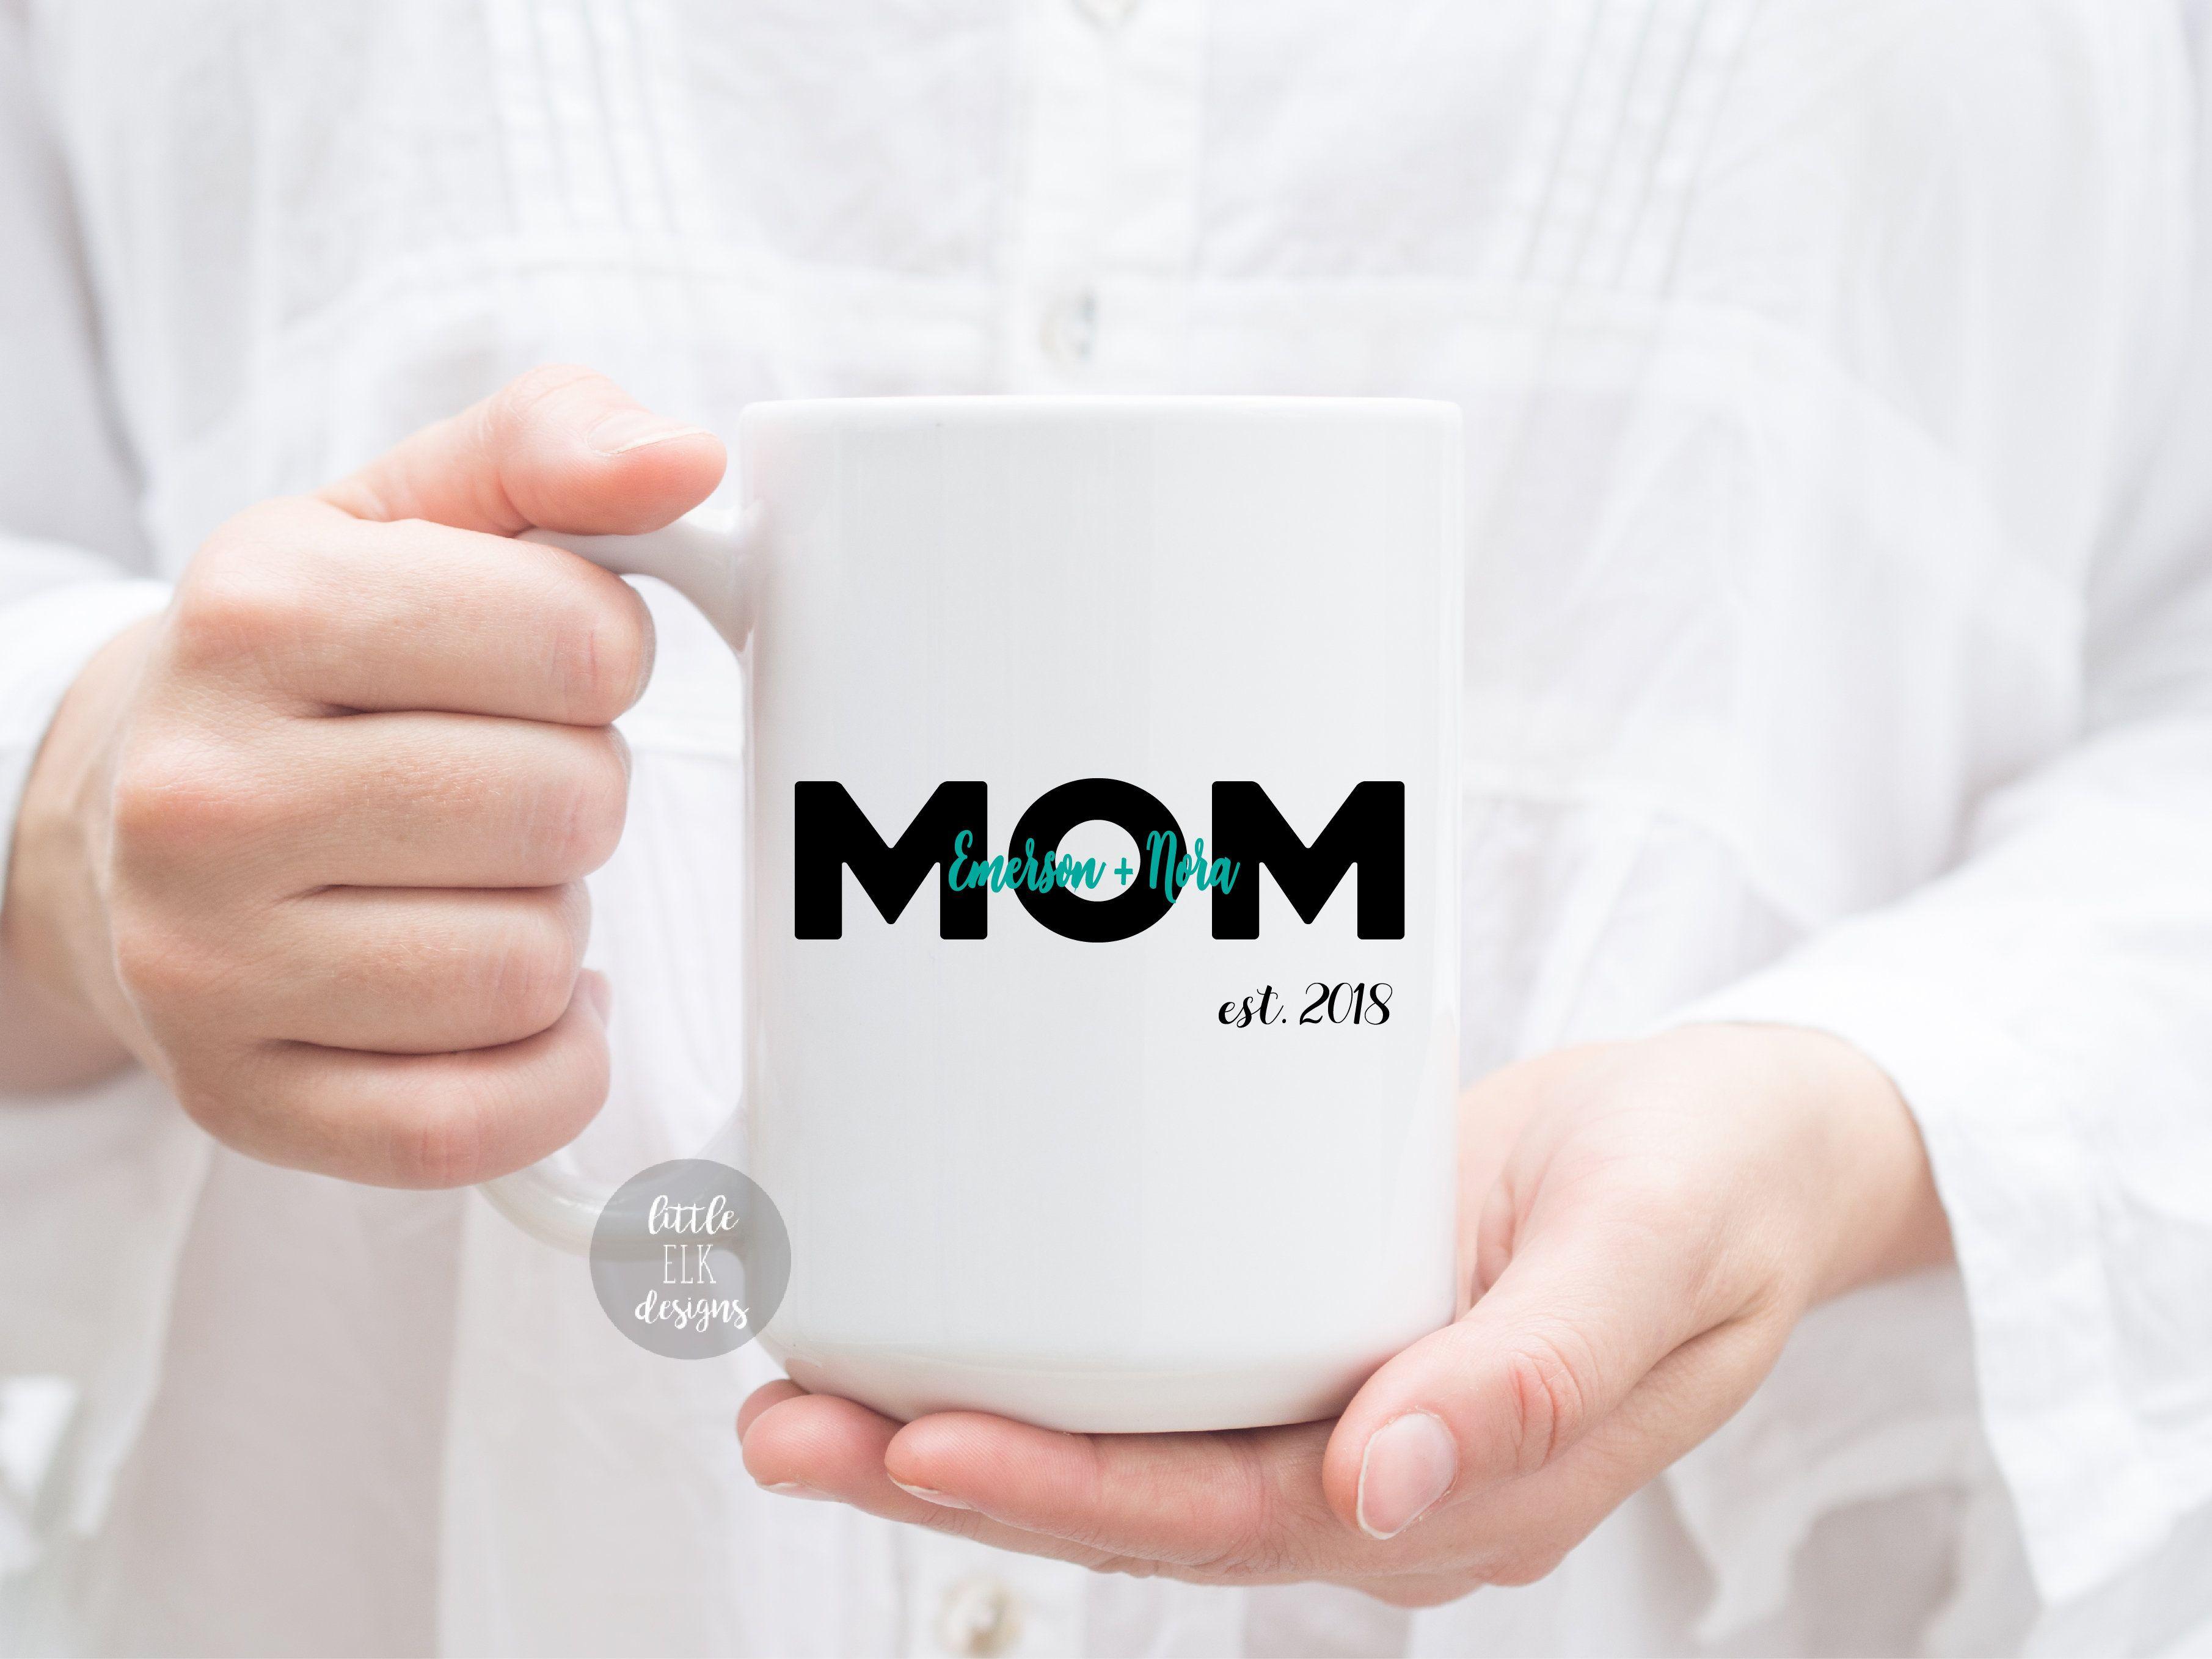 Custom Mom Mug With Children S Name On Mug Gift Mom Mug